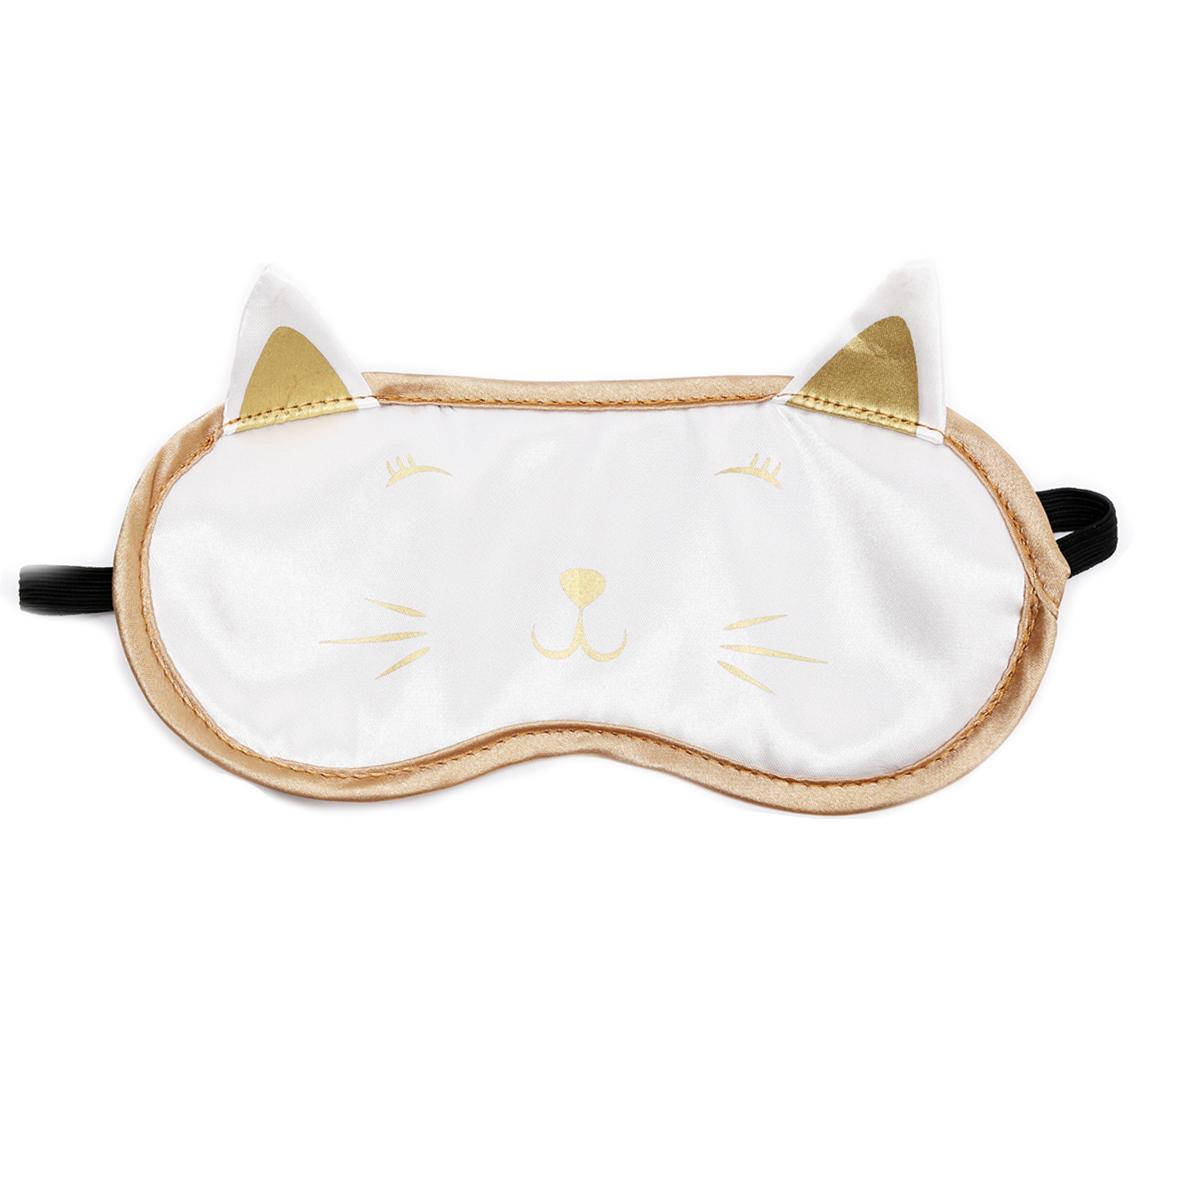 Masque de voyage / masque de nuit \'Chats\' blanc doré - 19x115 cm - [R0921]